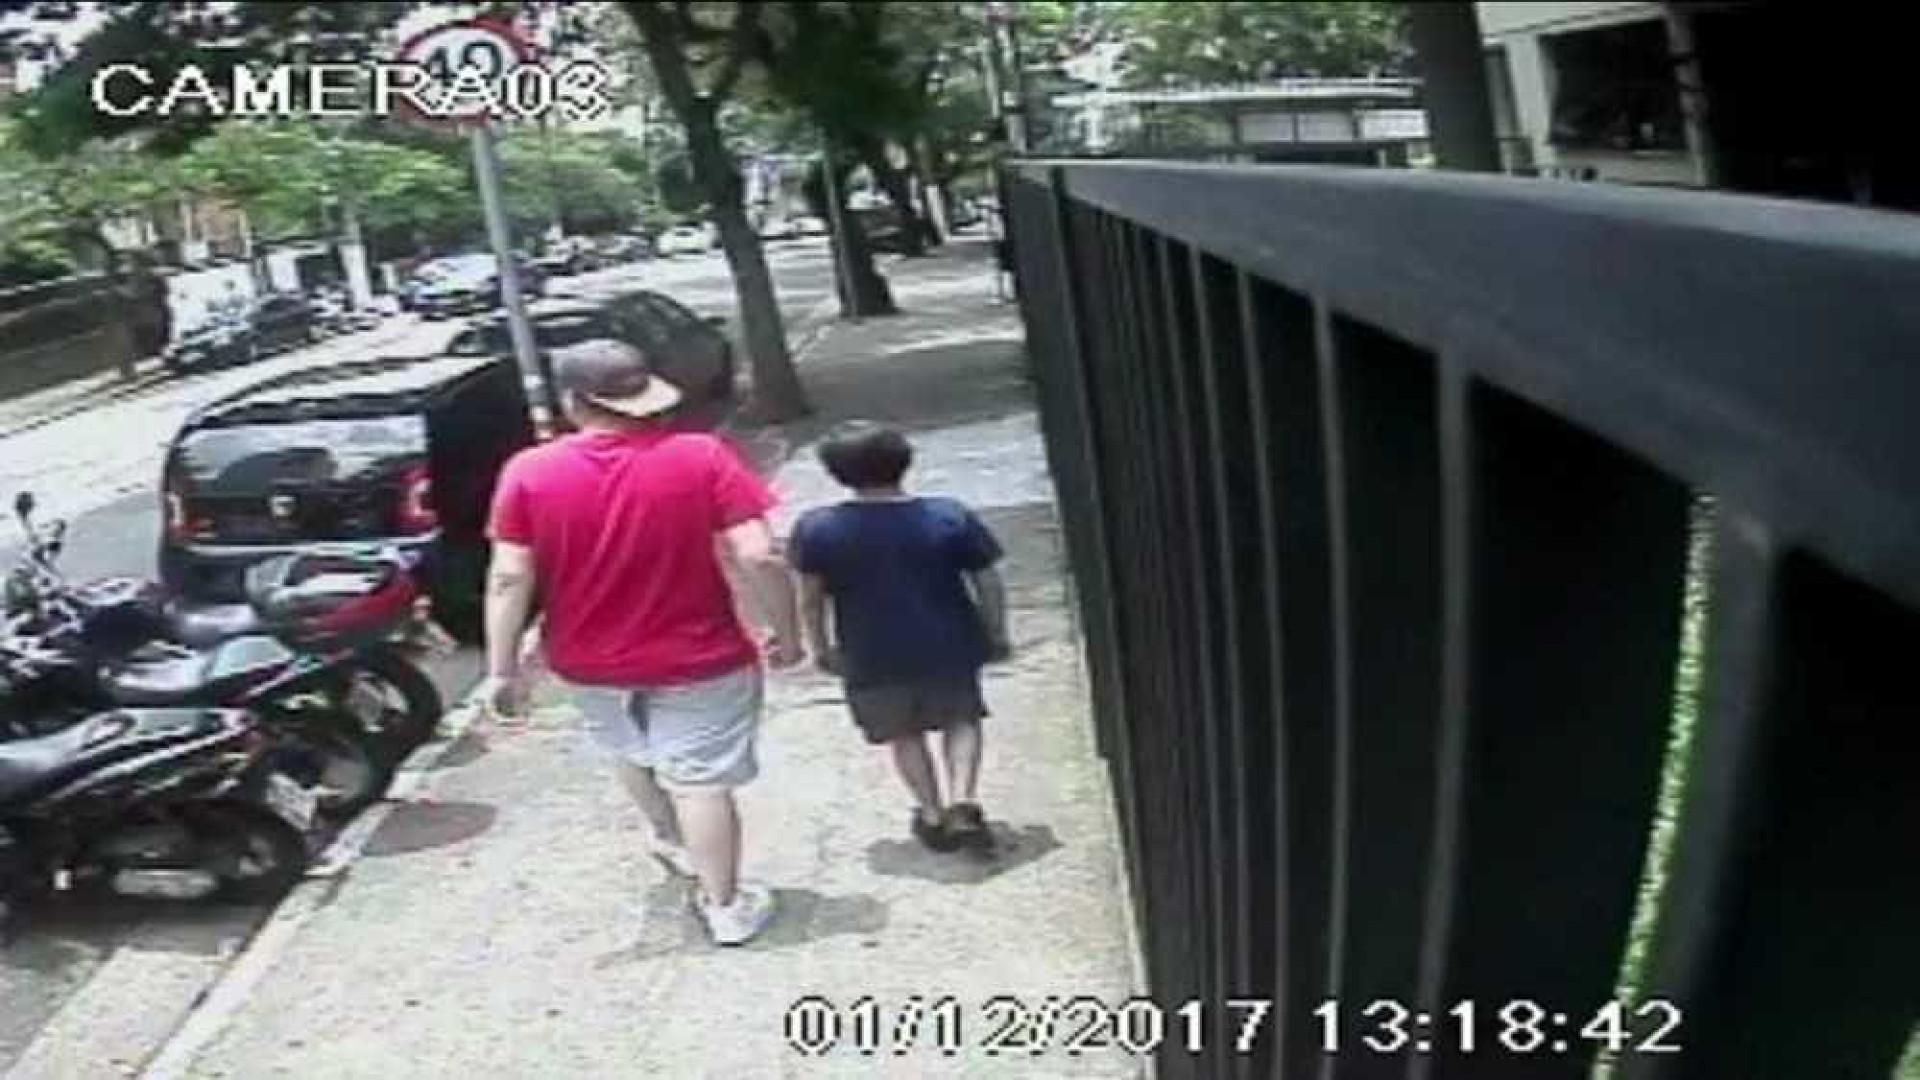 Ladrão leva criança para assaltar casa e causa prejuízo de R$ 140 mil